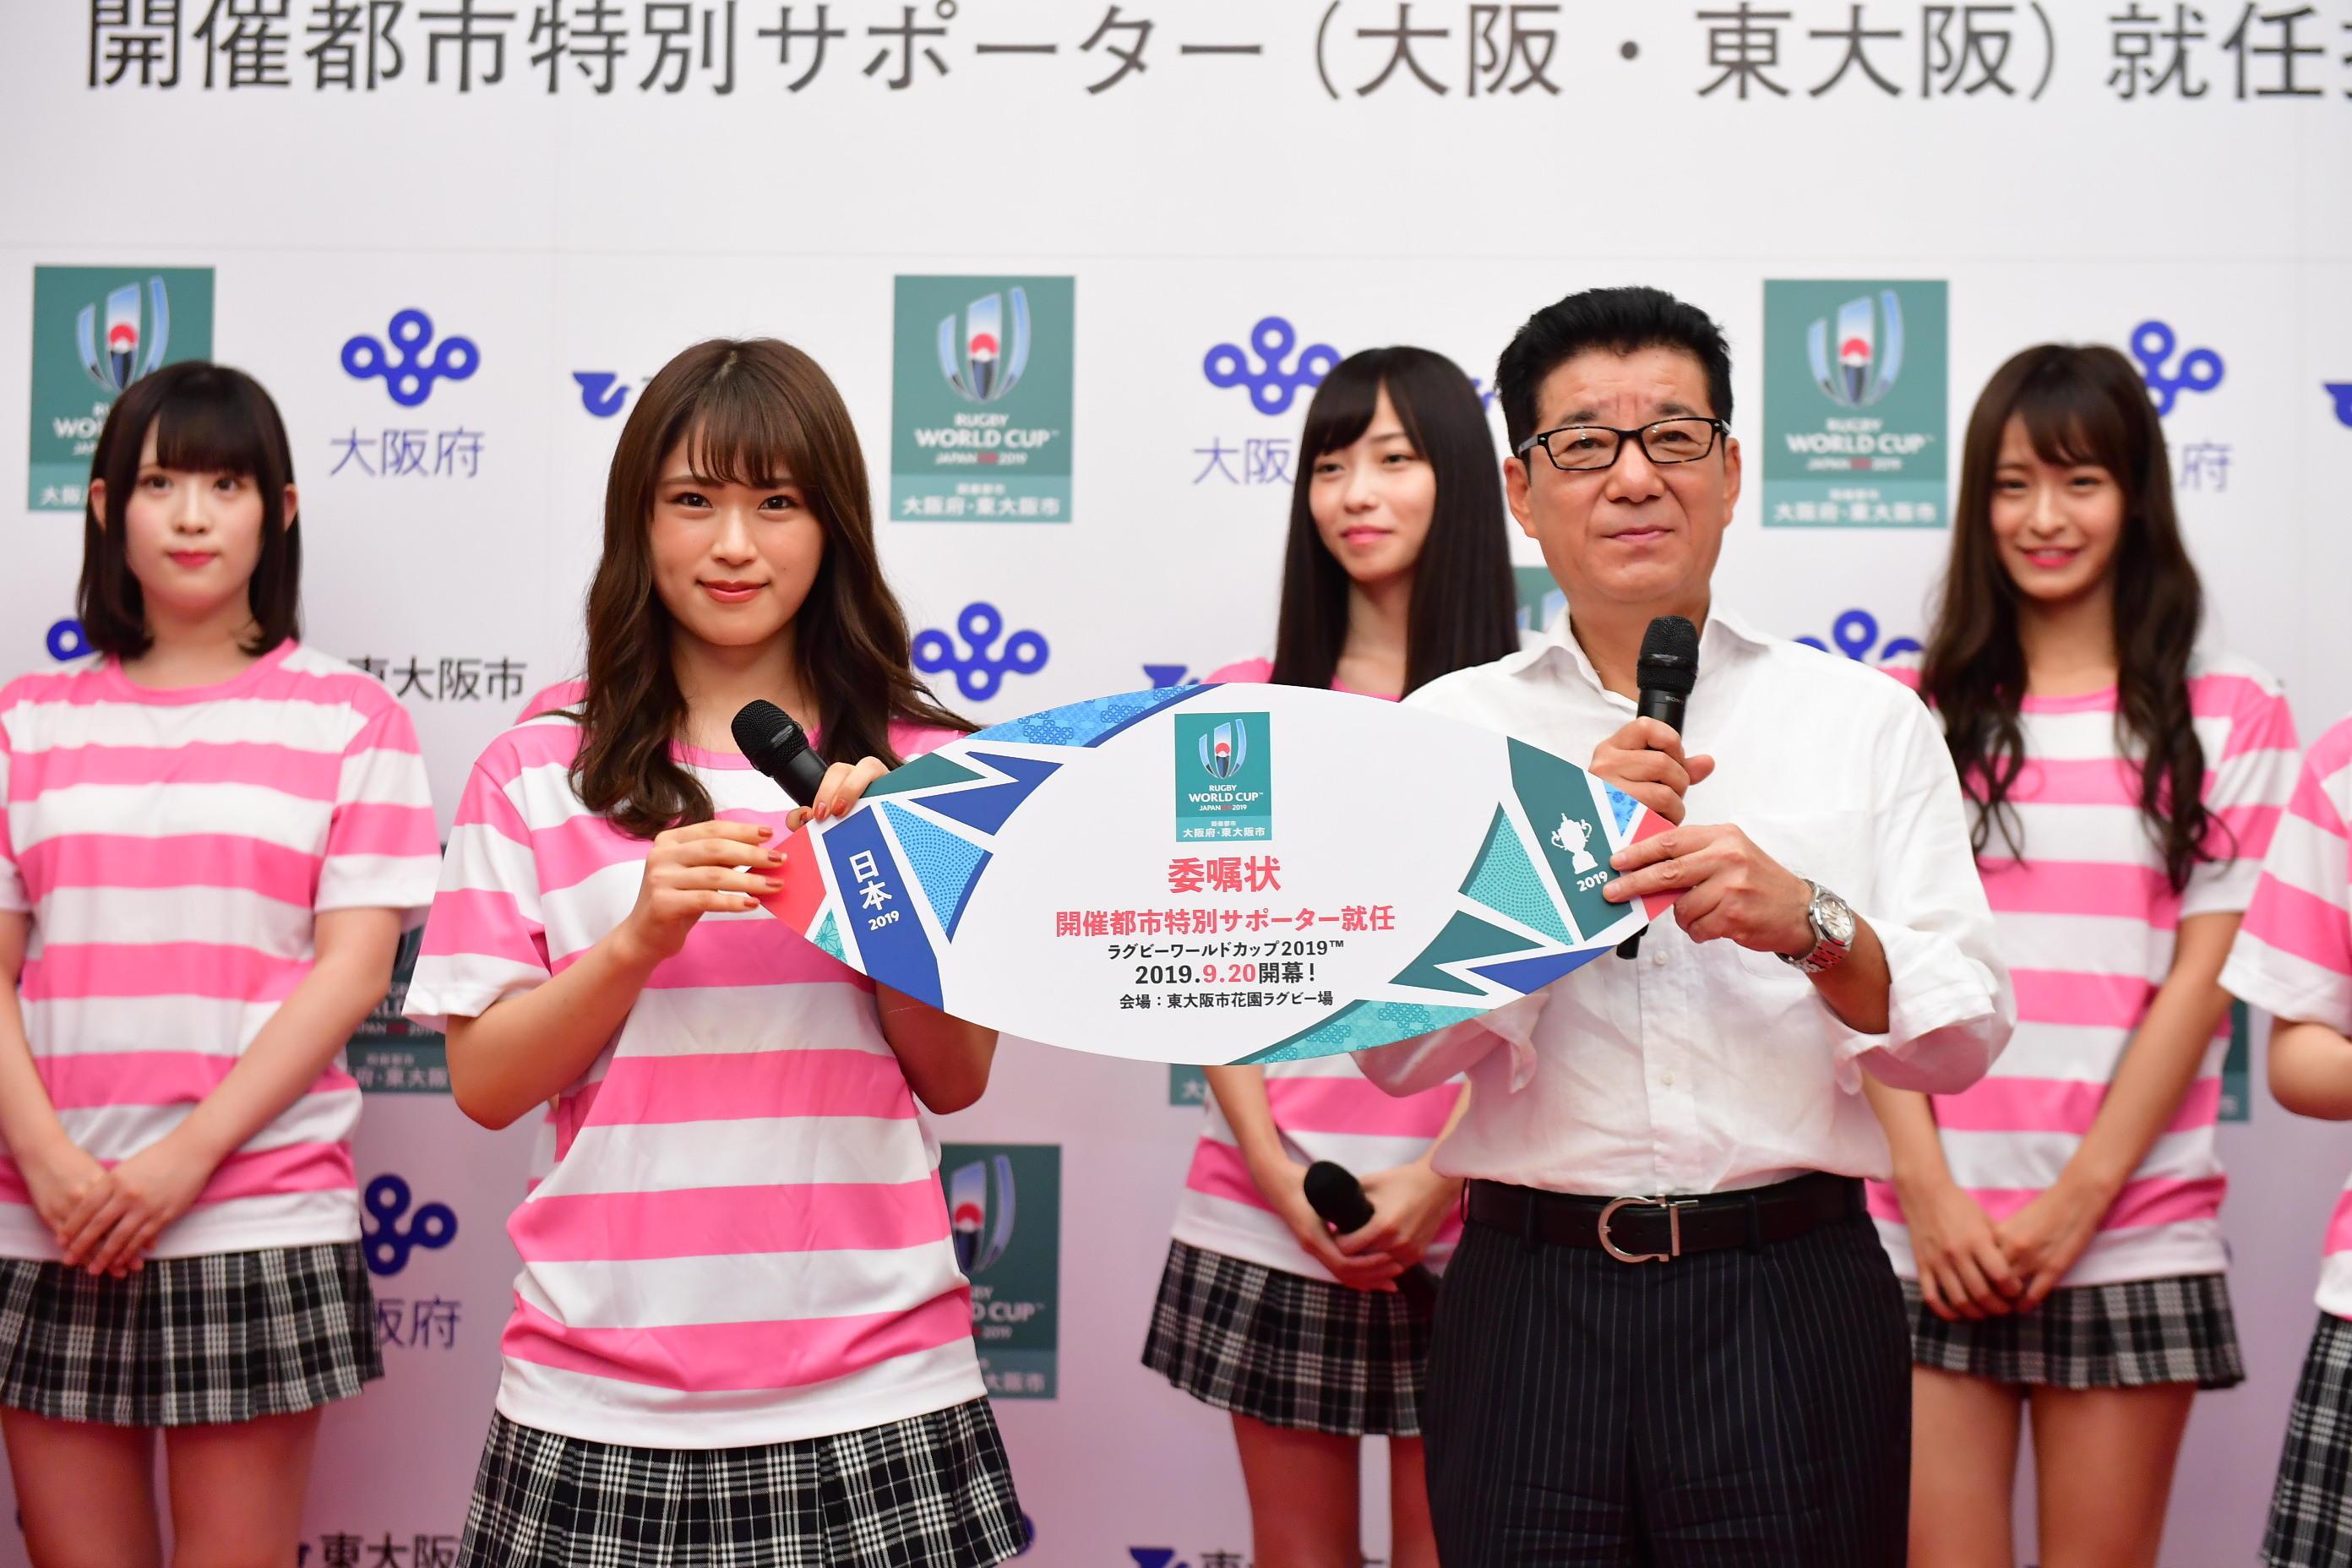 http://news.yoshimoto.co.jp/20180919084744-8bec8fdf2be353f218b7cb8321bba56c5478bd39.jpg